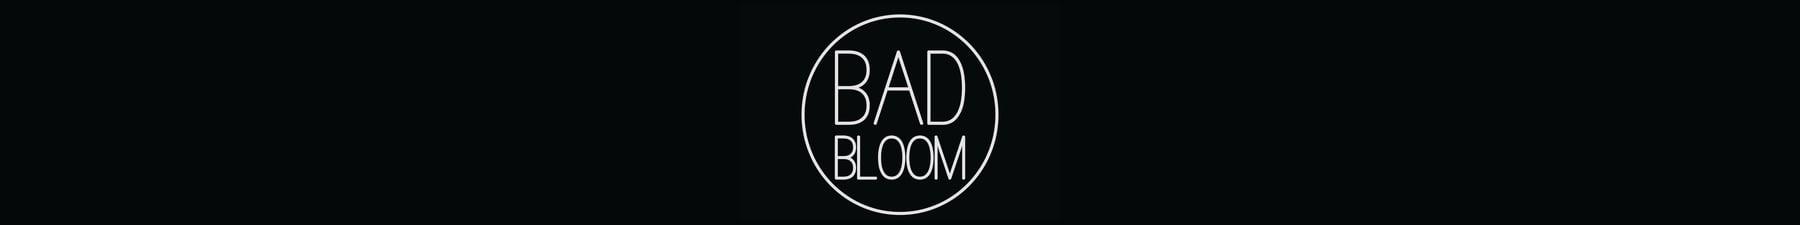 BadBloomNYC Home